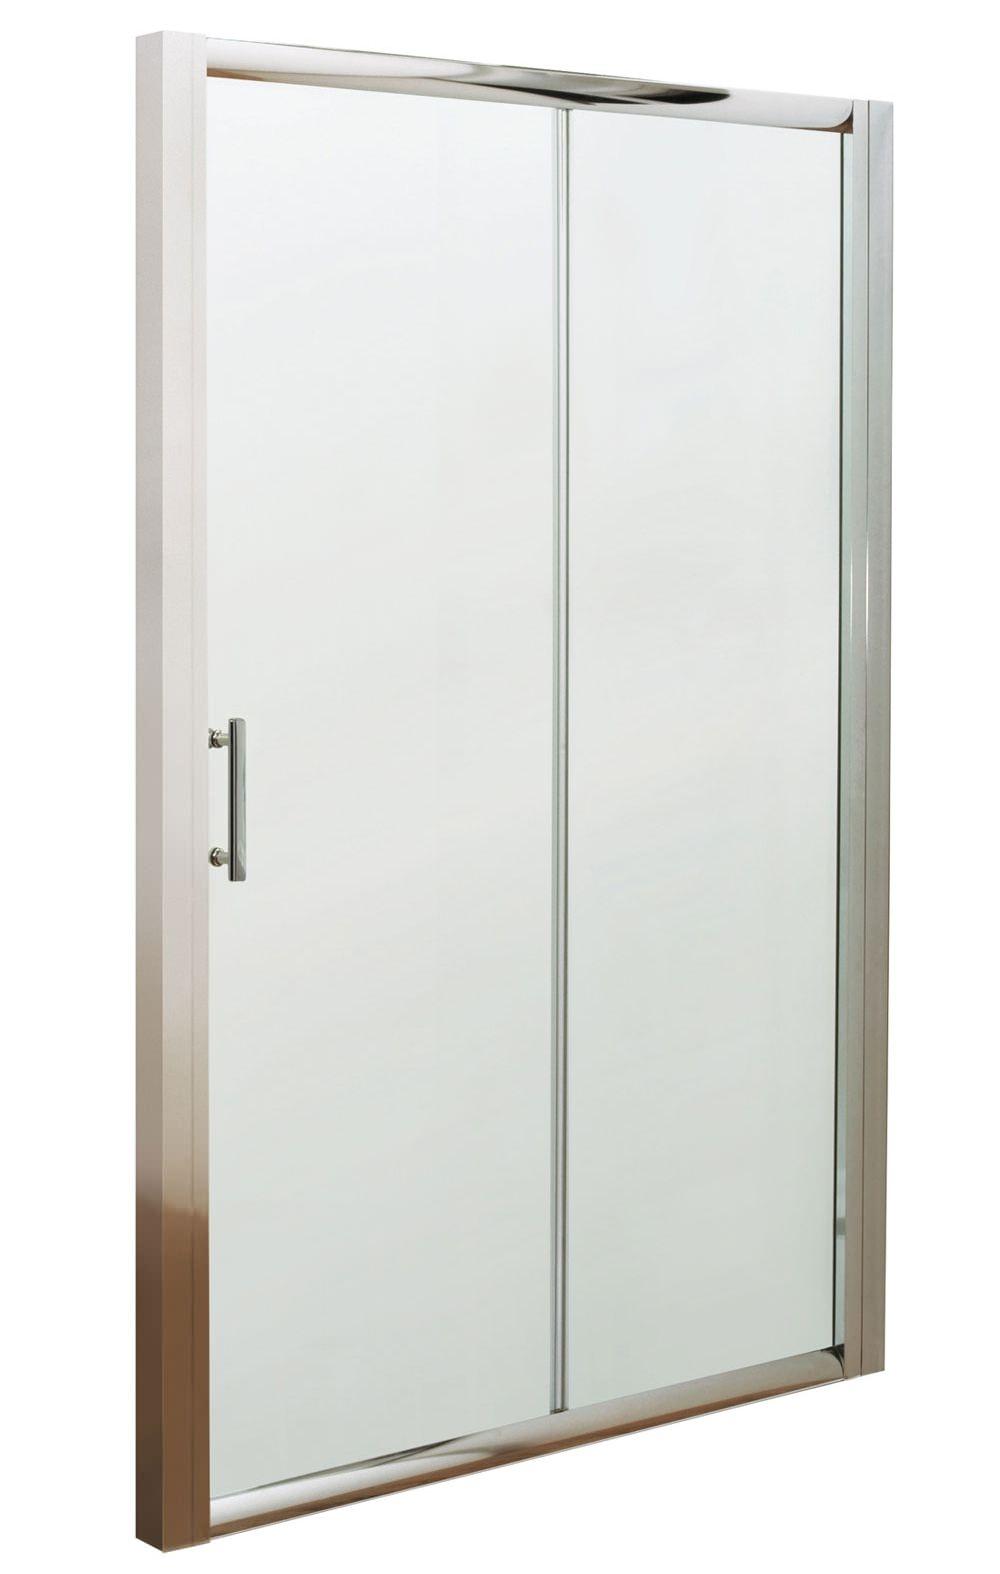 Beo framed single sliding shower door 1500mm for 1500 sliding shower door